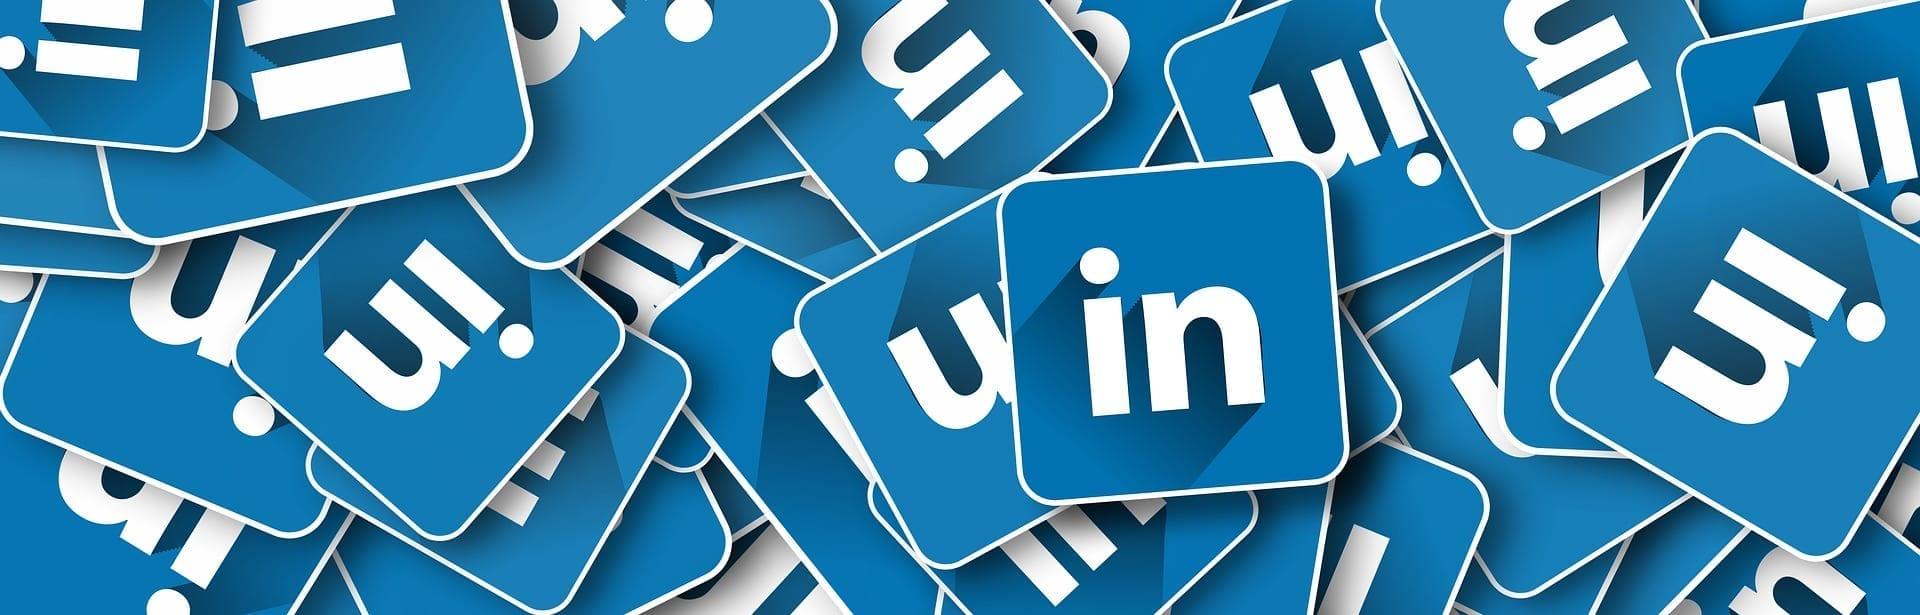 Aktualizacja algorytmu LinkedIn — nagradzana aktywność